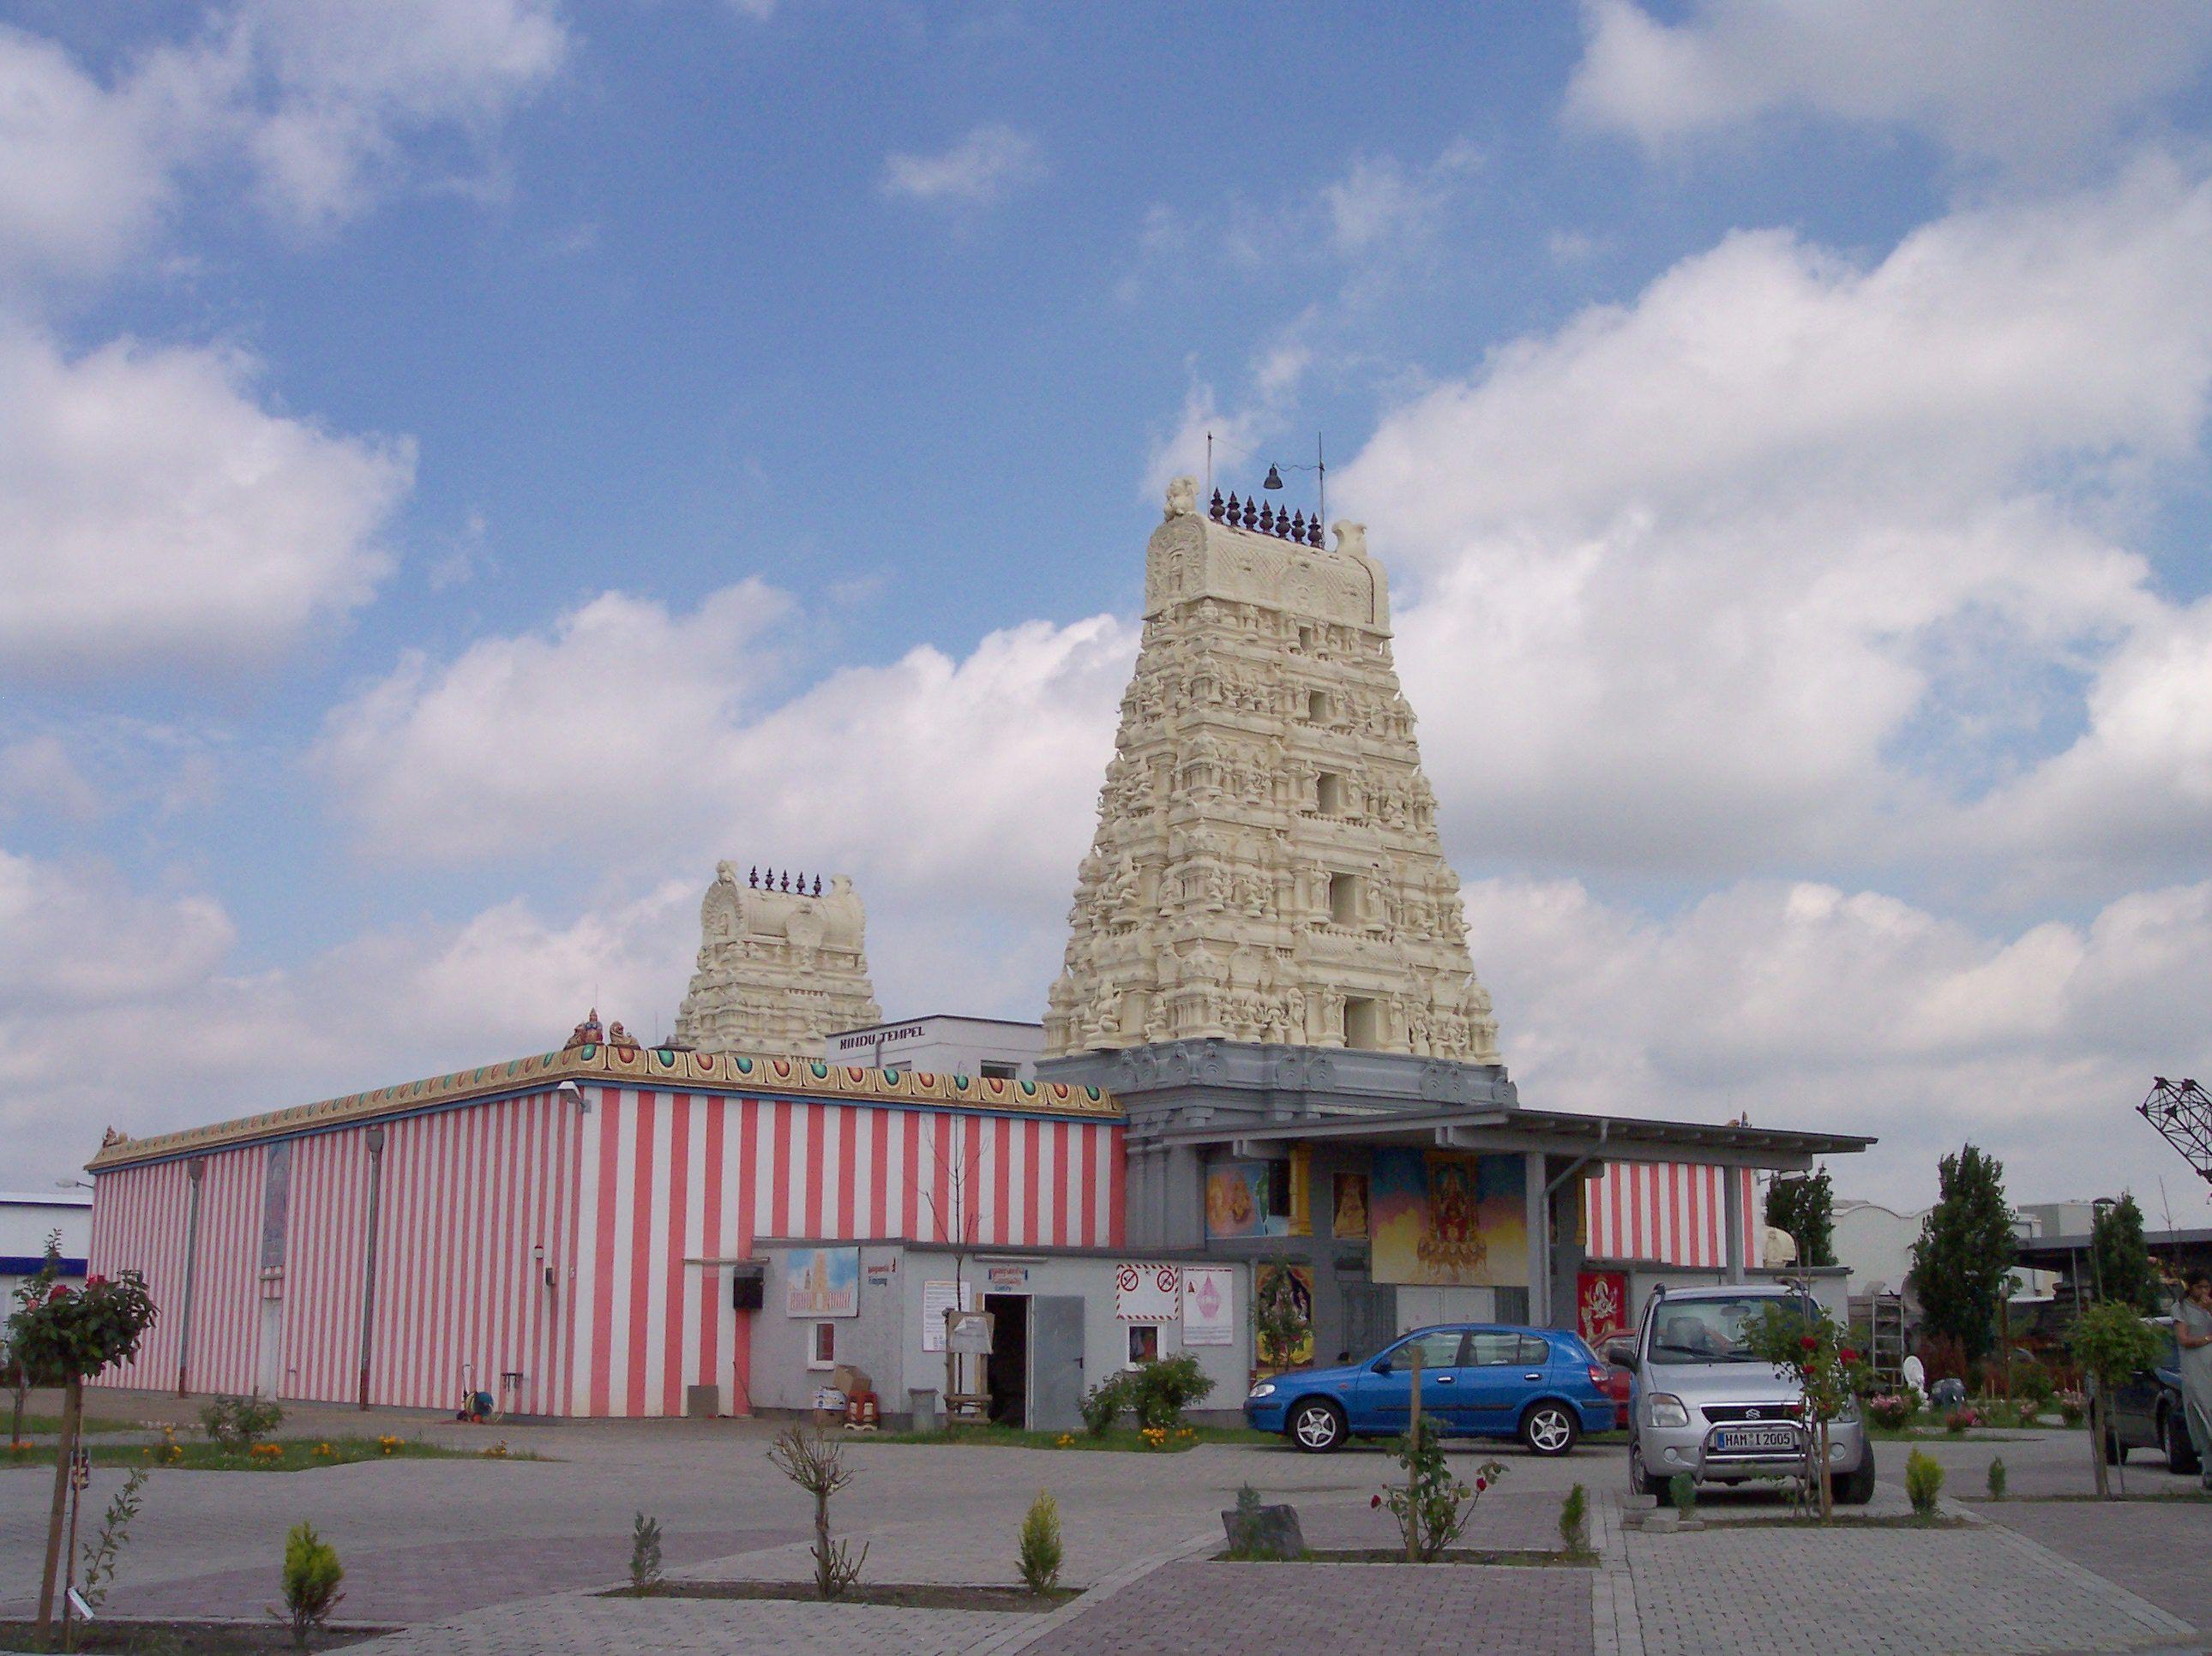 Hindu Tempel Hamm